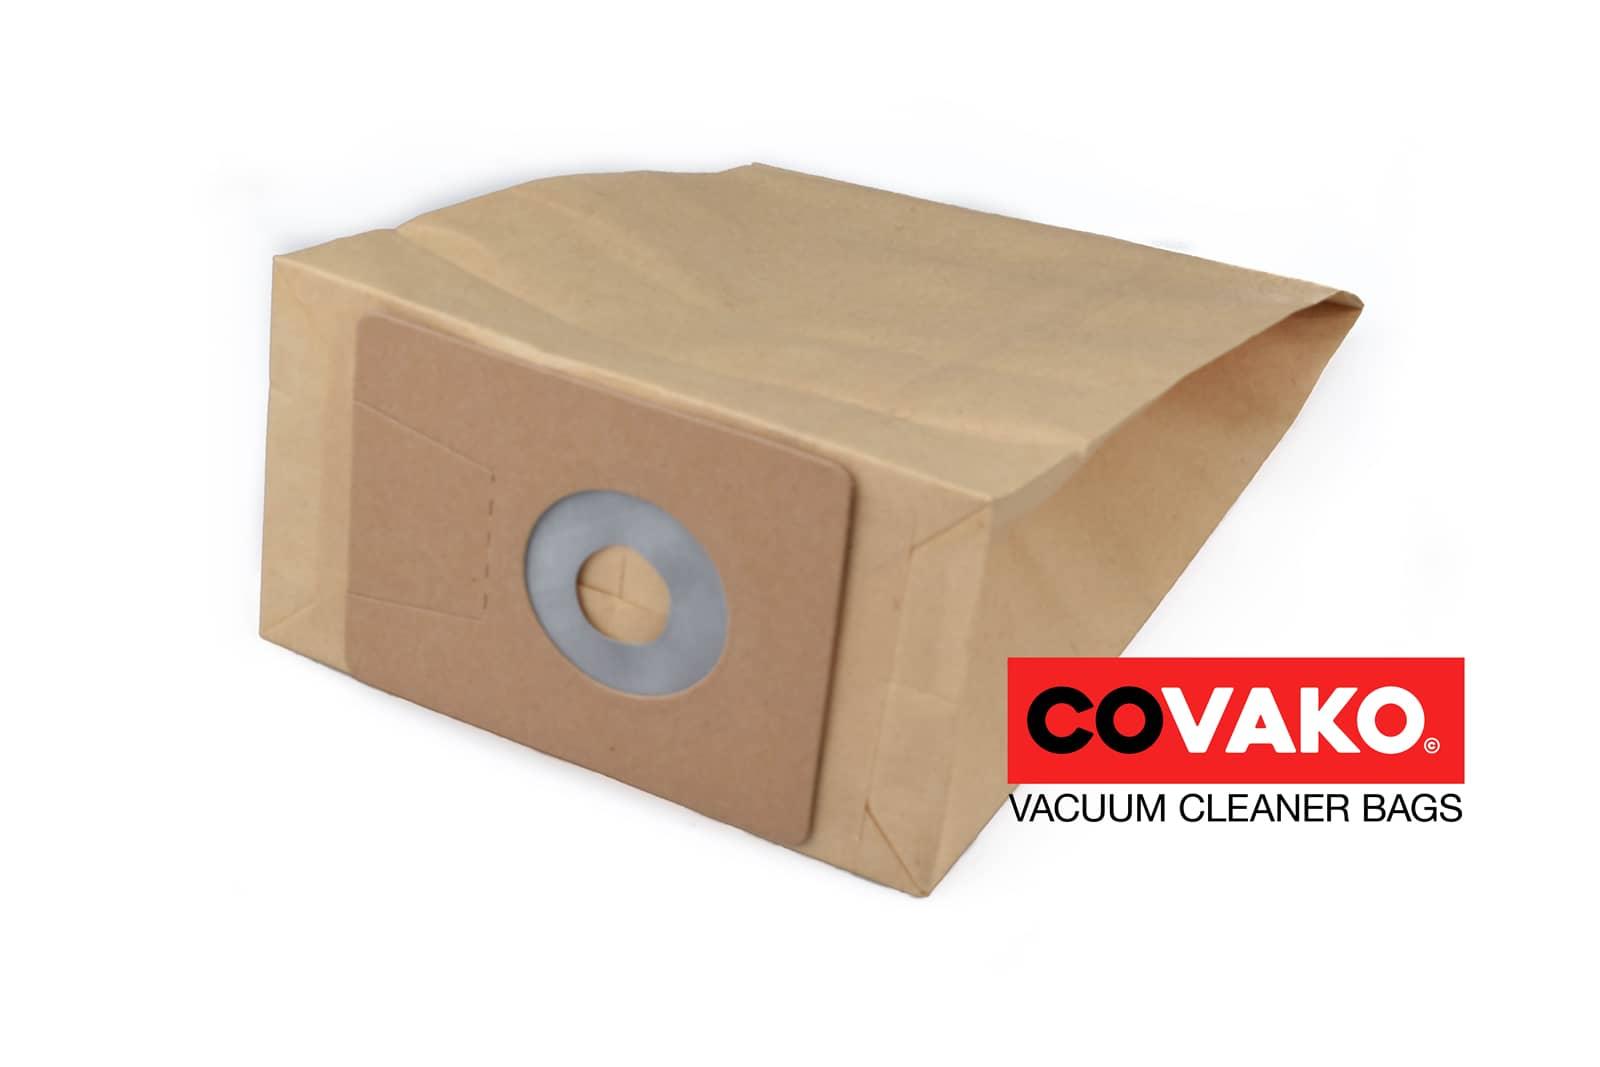 Soteco Top 1 / Papier - Soteco sacs d'aspirateur